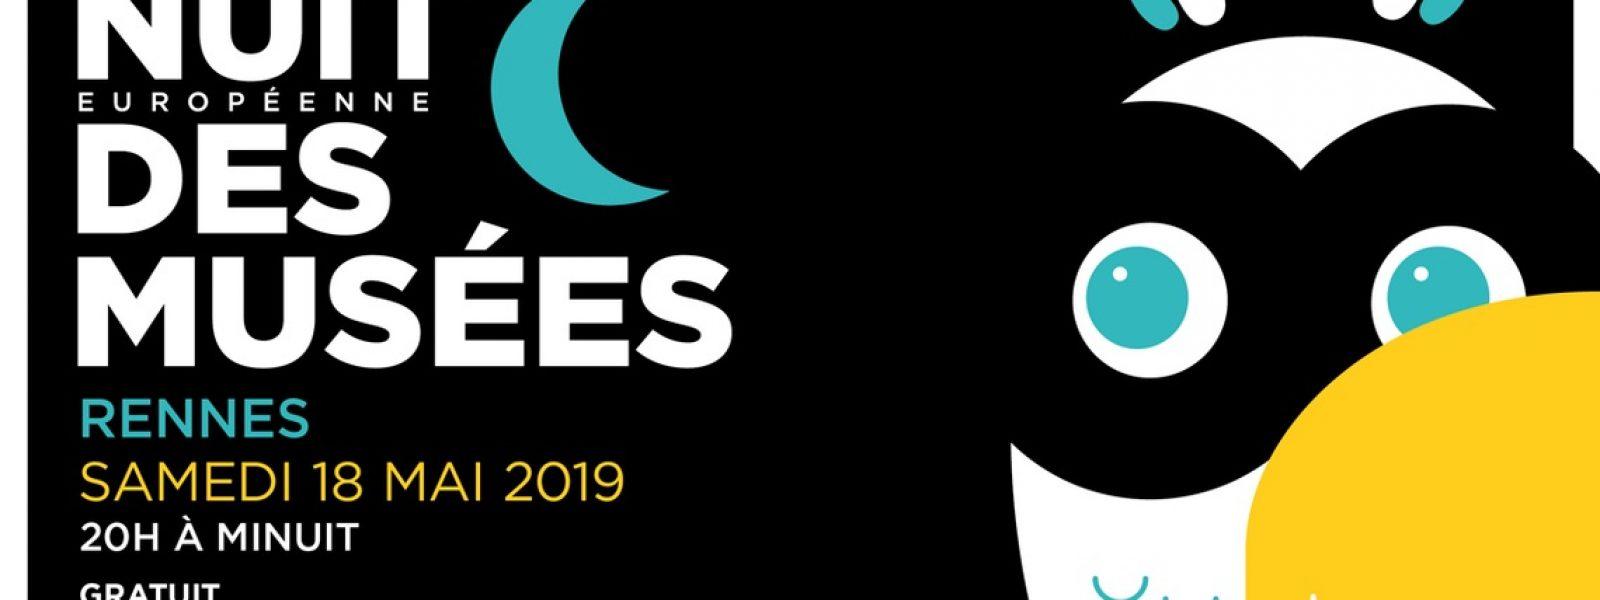 Nuit européenne des musées : une chouette programme à Rennes